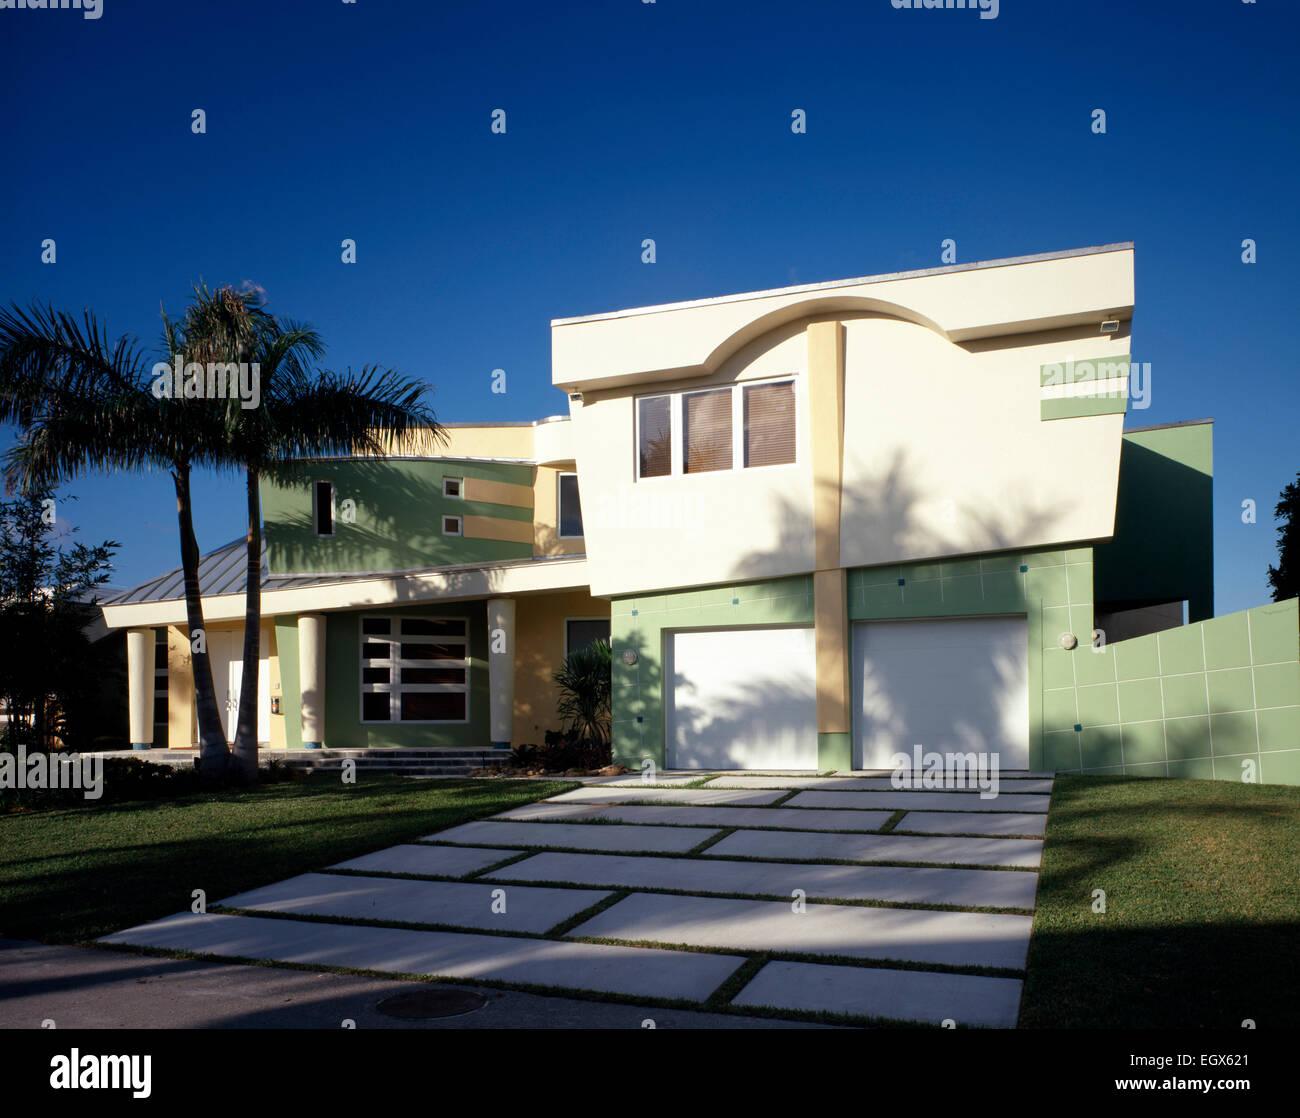 Esterno Del Moderno Di Colore Verde E Giallo Casa Foto Immagine